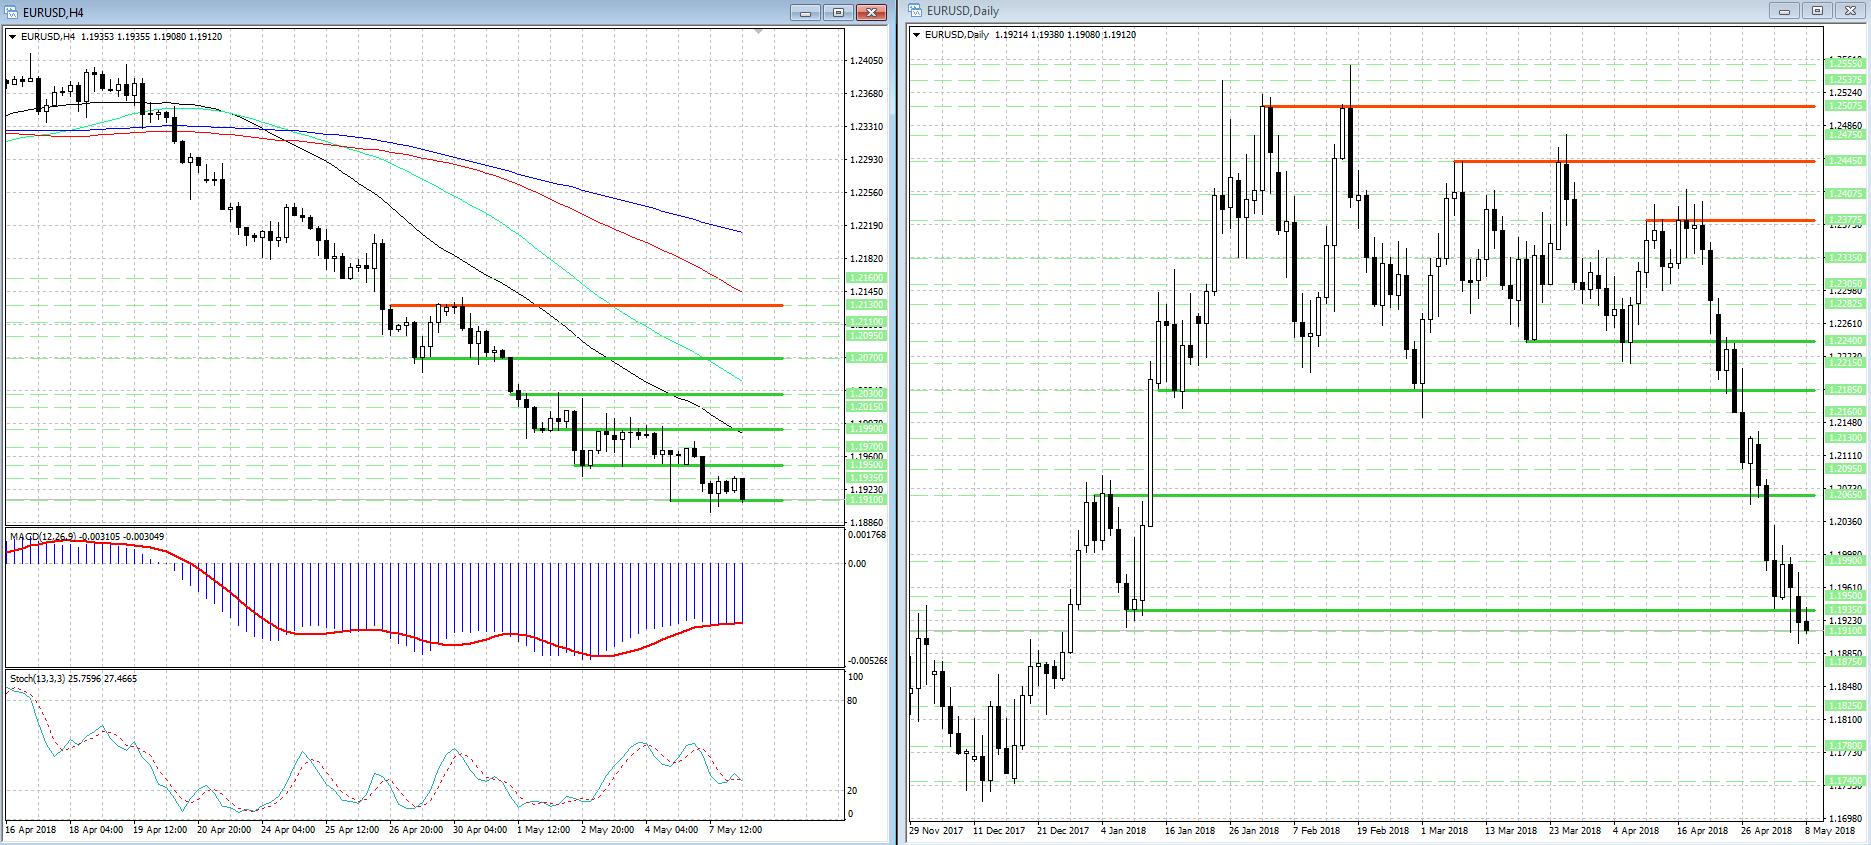 Медведи сохраняют контроль над валютной парой EUR/USD...